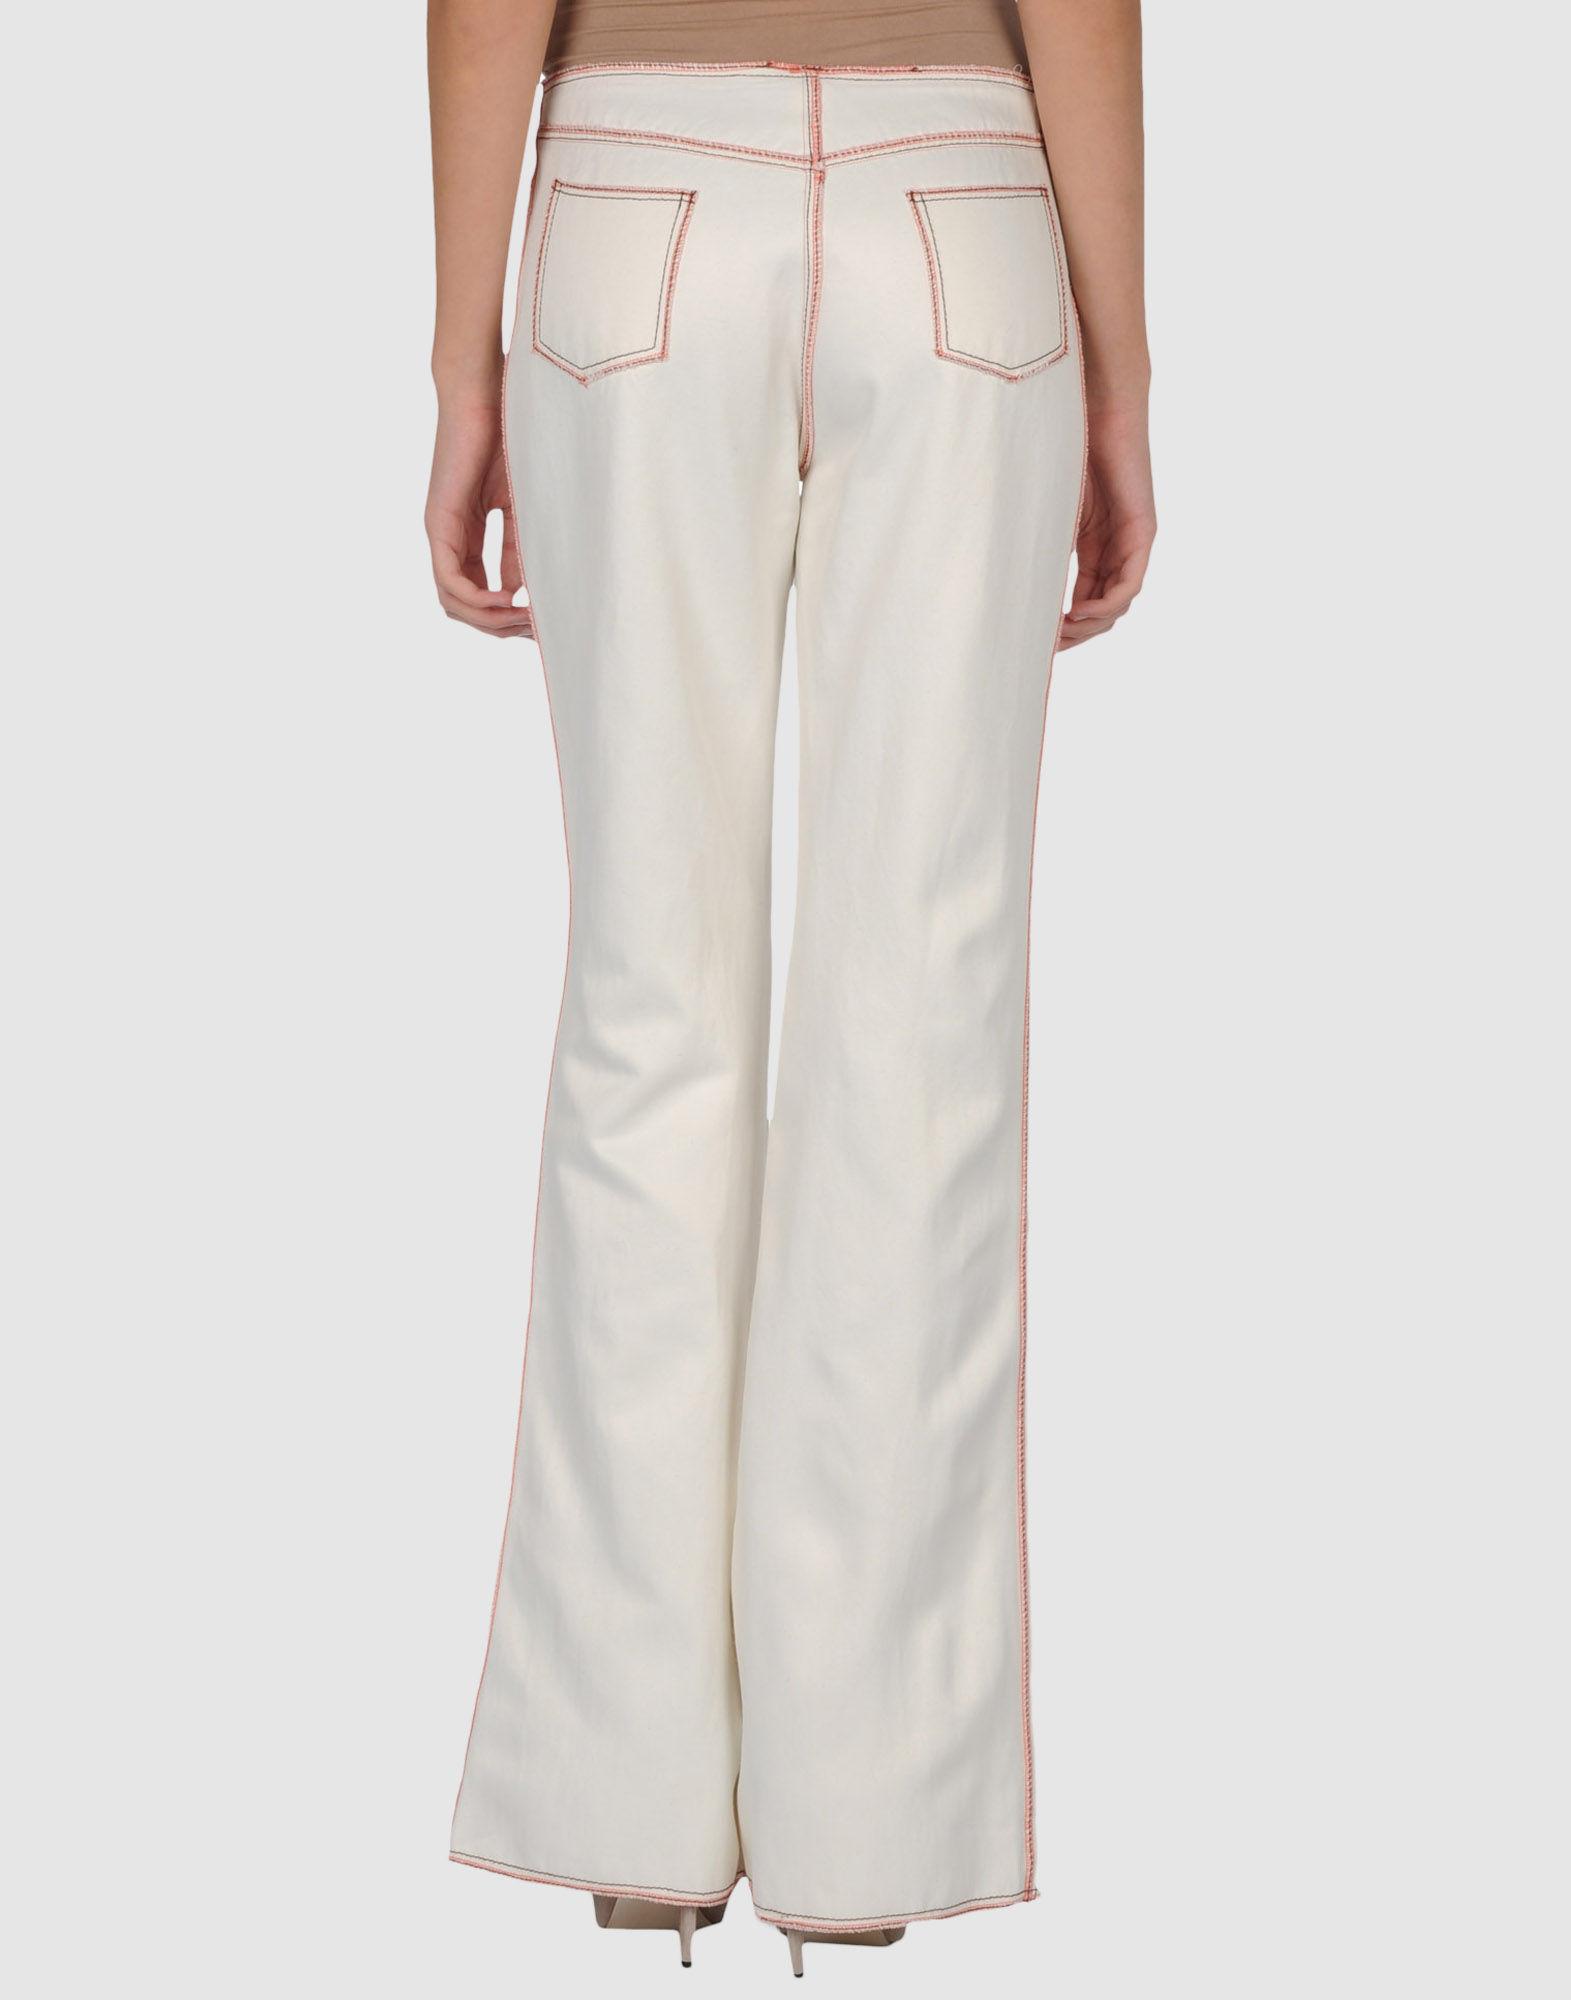 Venera Arapu Casual Pants In White